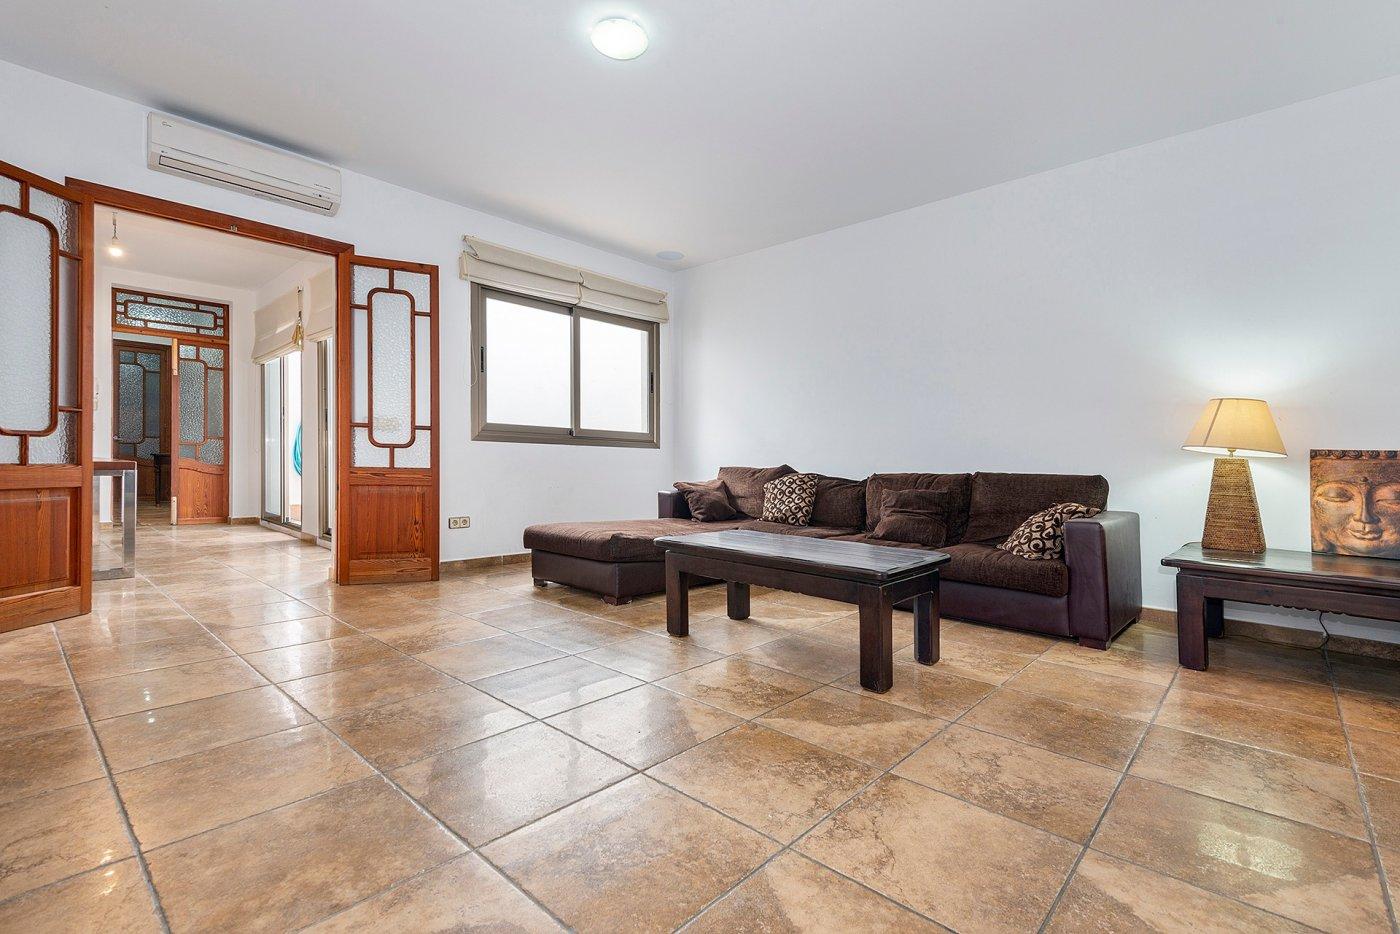 Gran vivienda totalmente reformada en pleno centro de manacor - imagenInmueble15